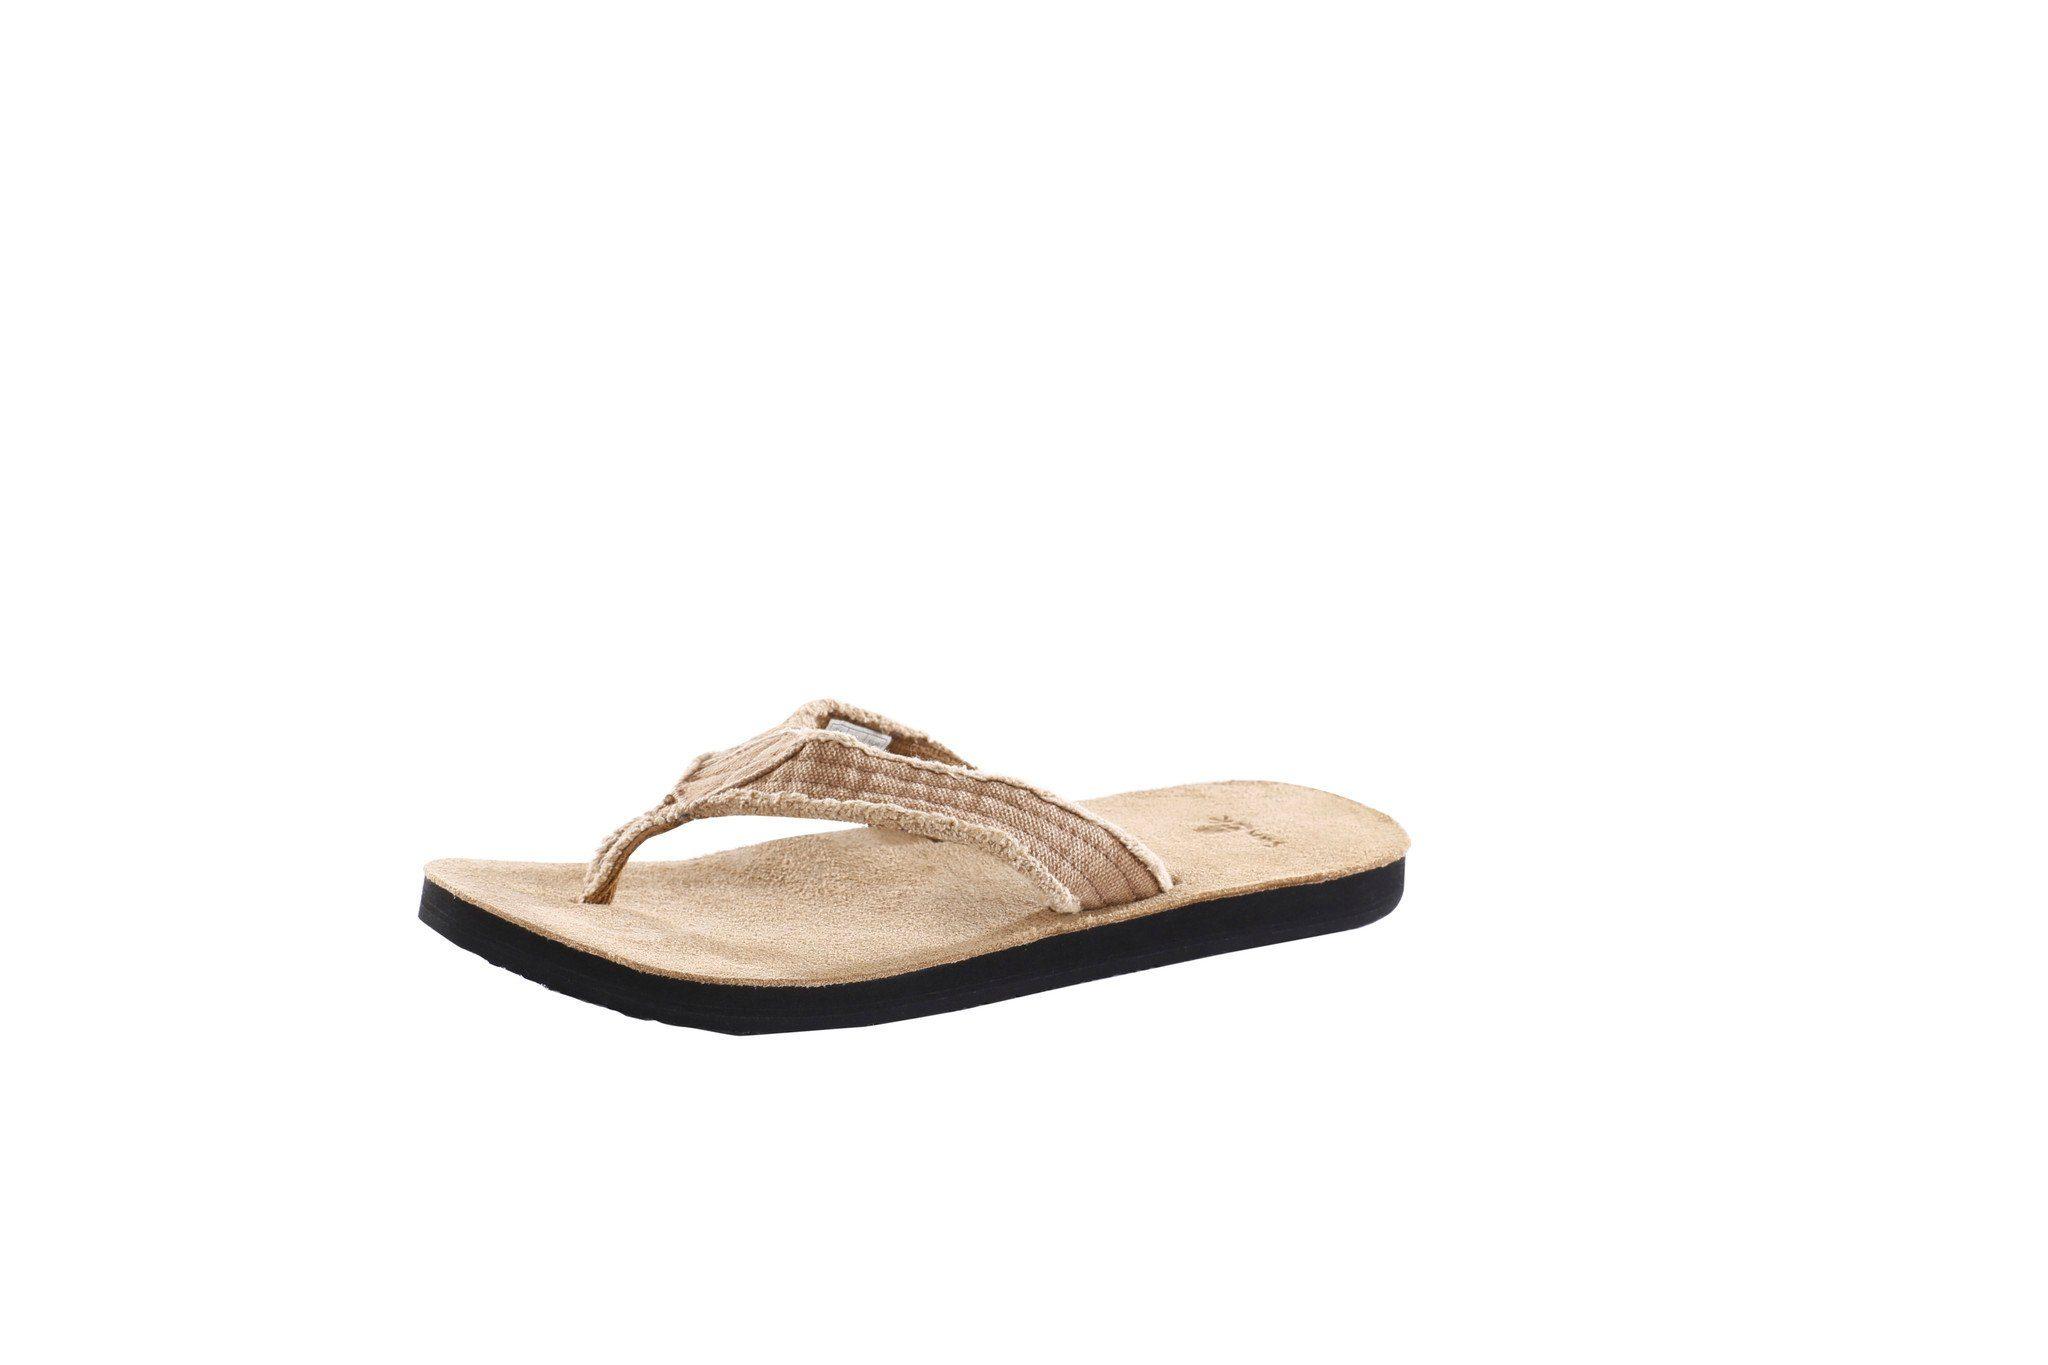 Sanük Sandale Fraid Not Sandals Men kaufen  beige